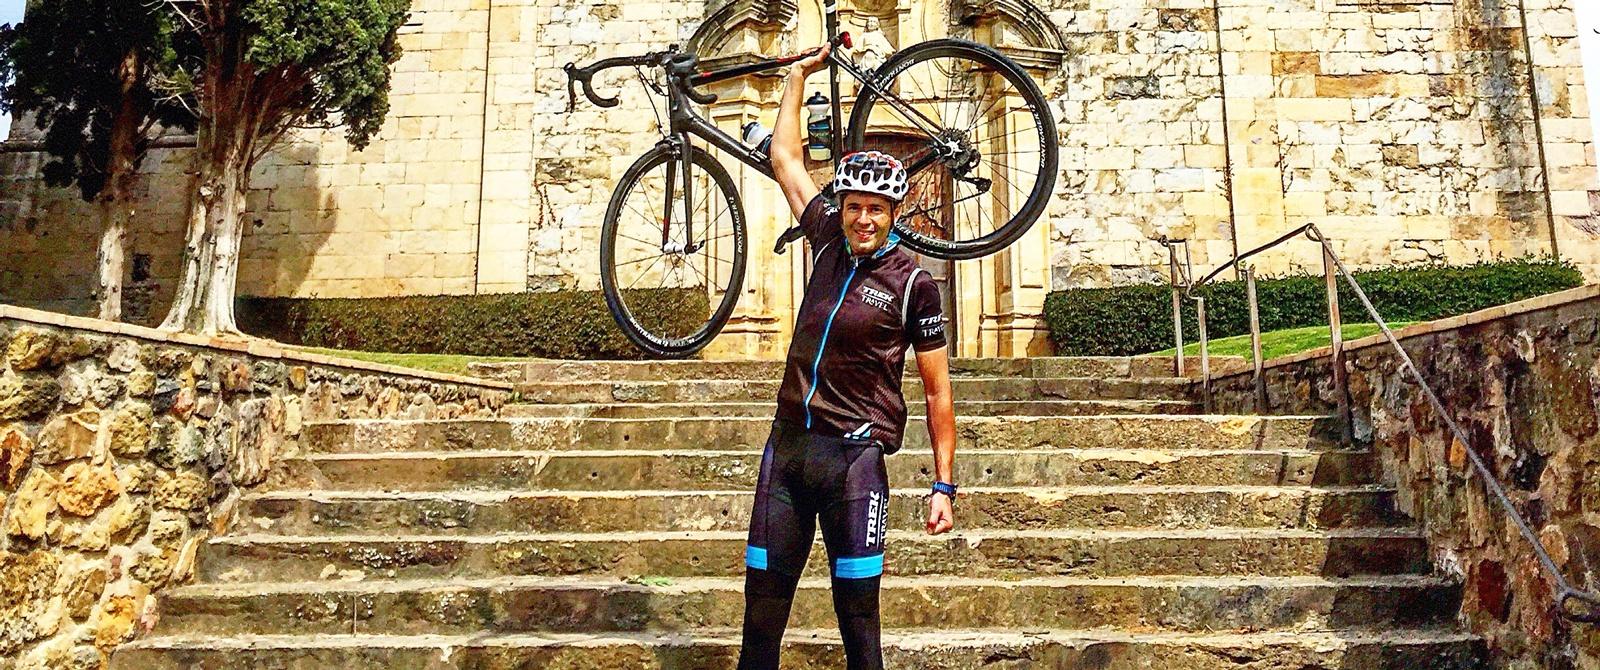 Meet Joaquin Gomez, bike tour guide for Trek Travel